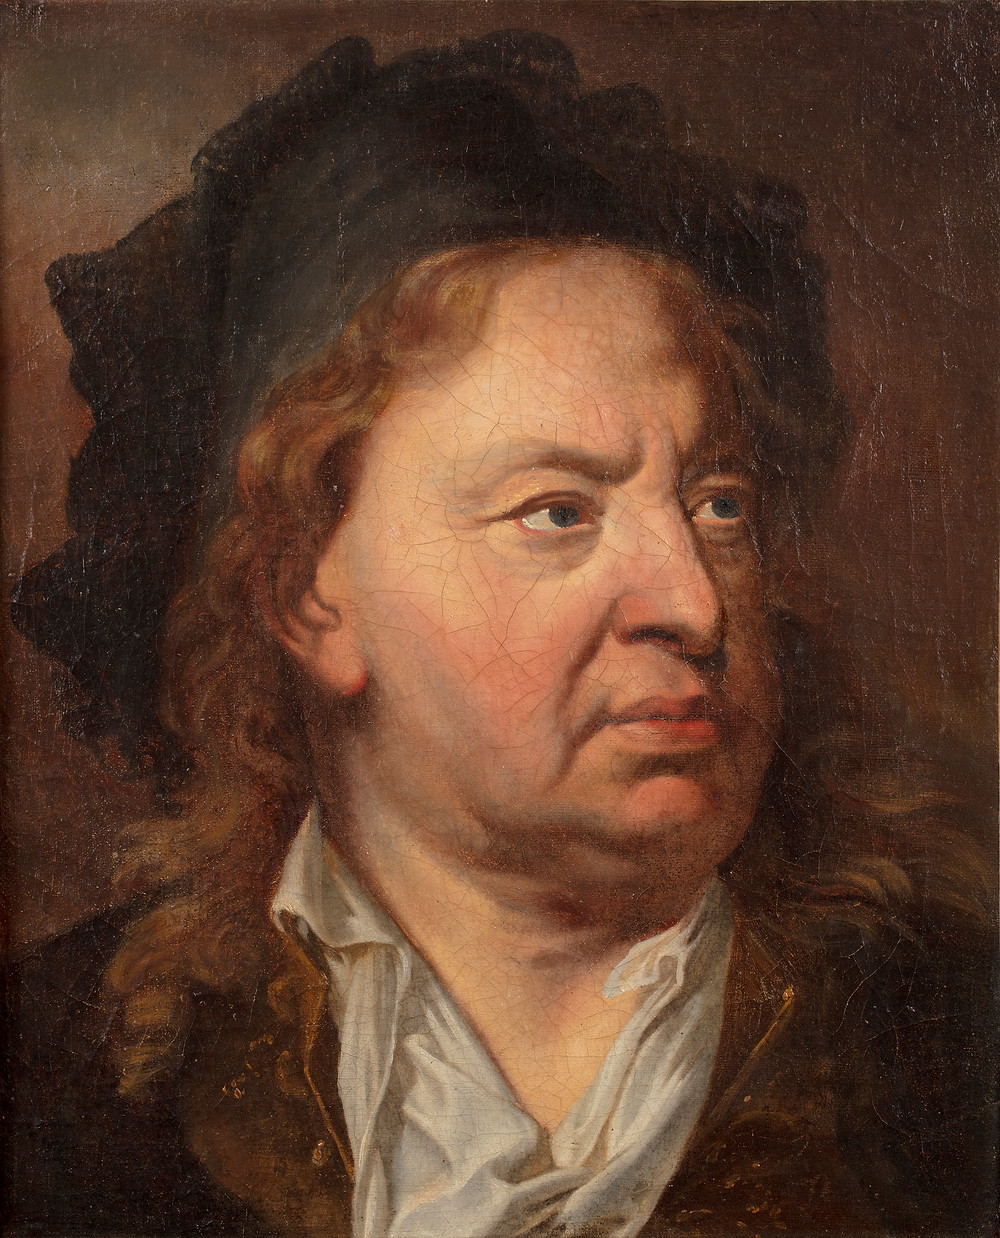 Anonyme d'aprèsHyacinthe Rigaud, Portrait d'Everhard Jabach, collection particulière